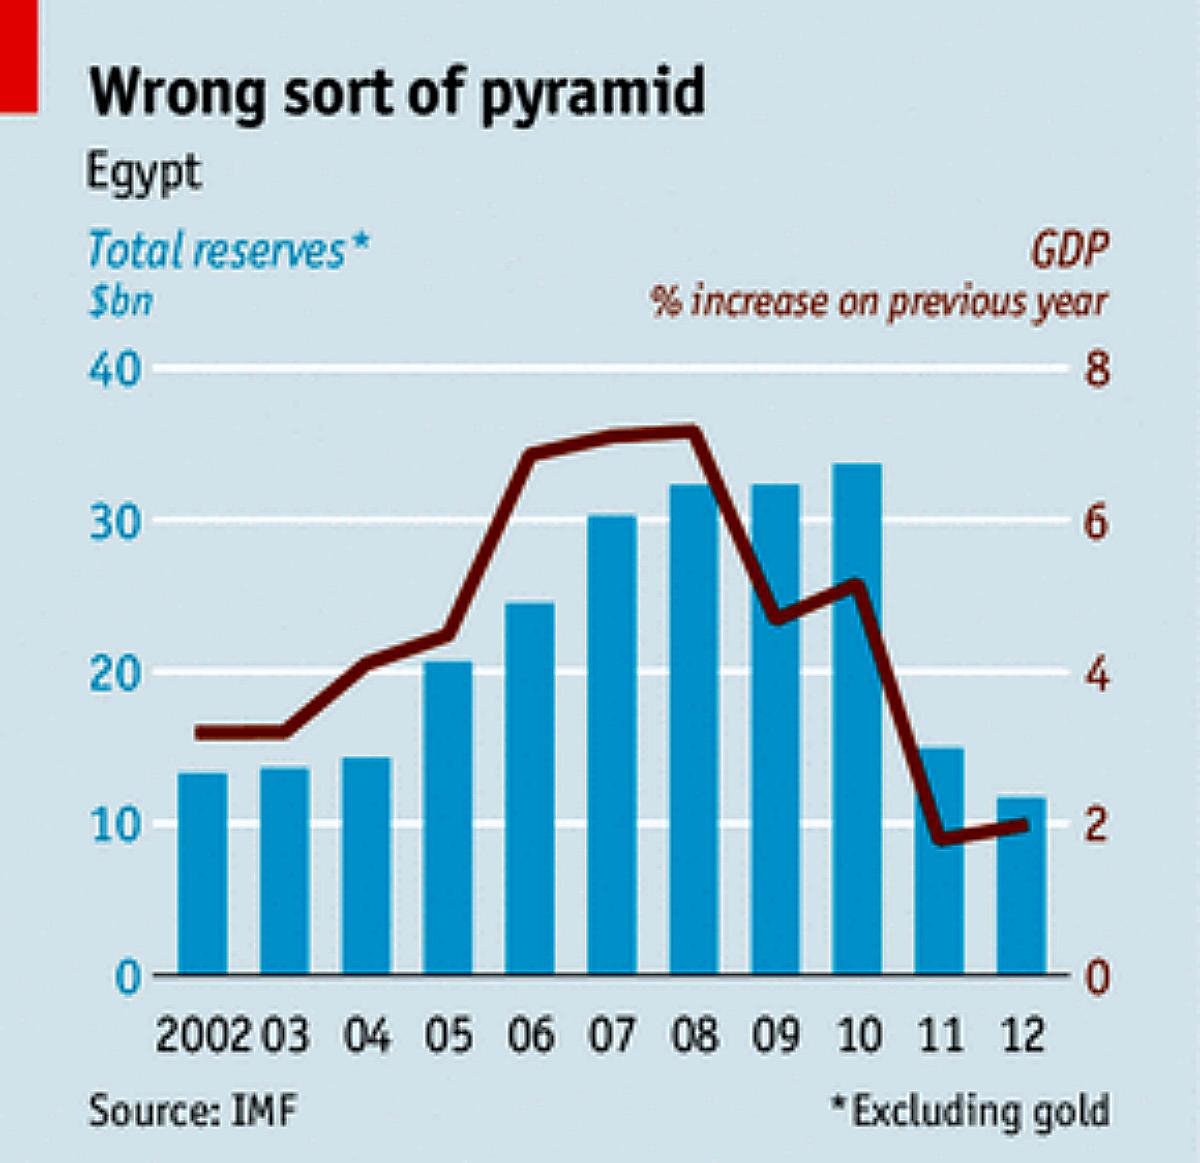 Wrong Sort of Pyramid